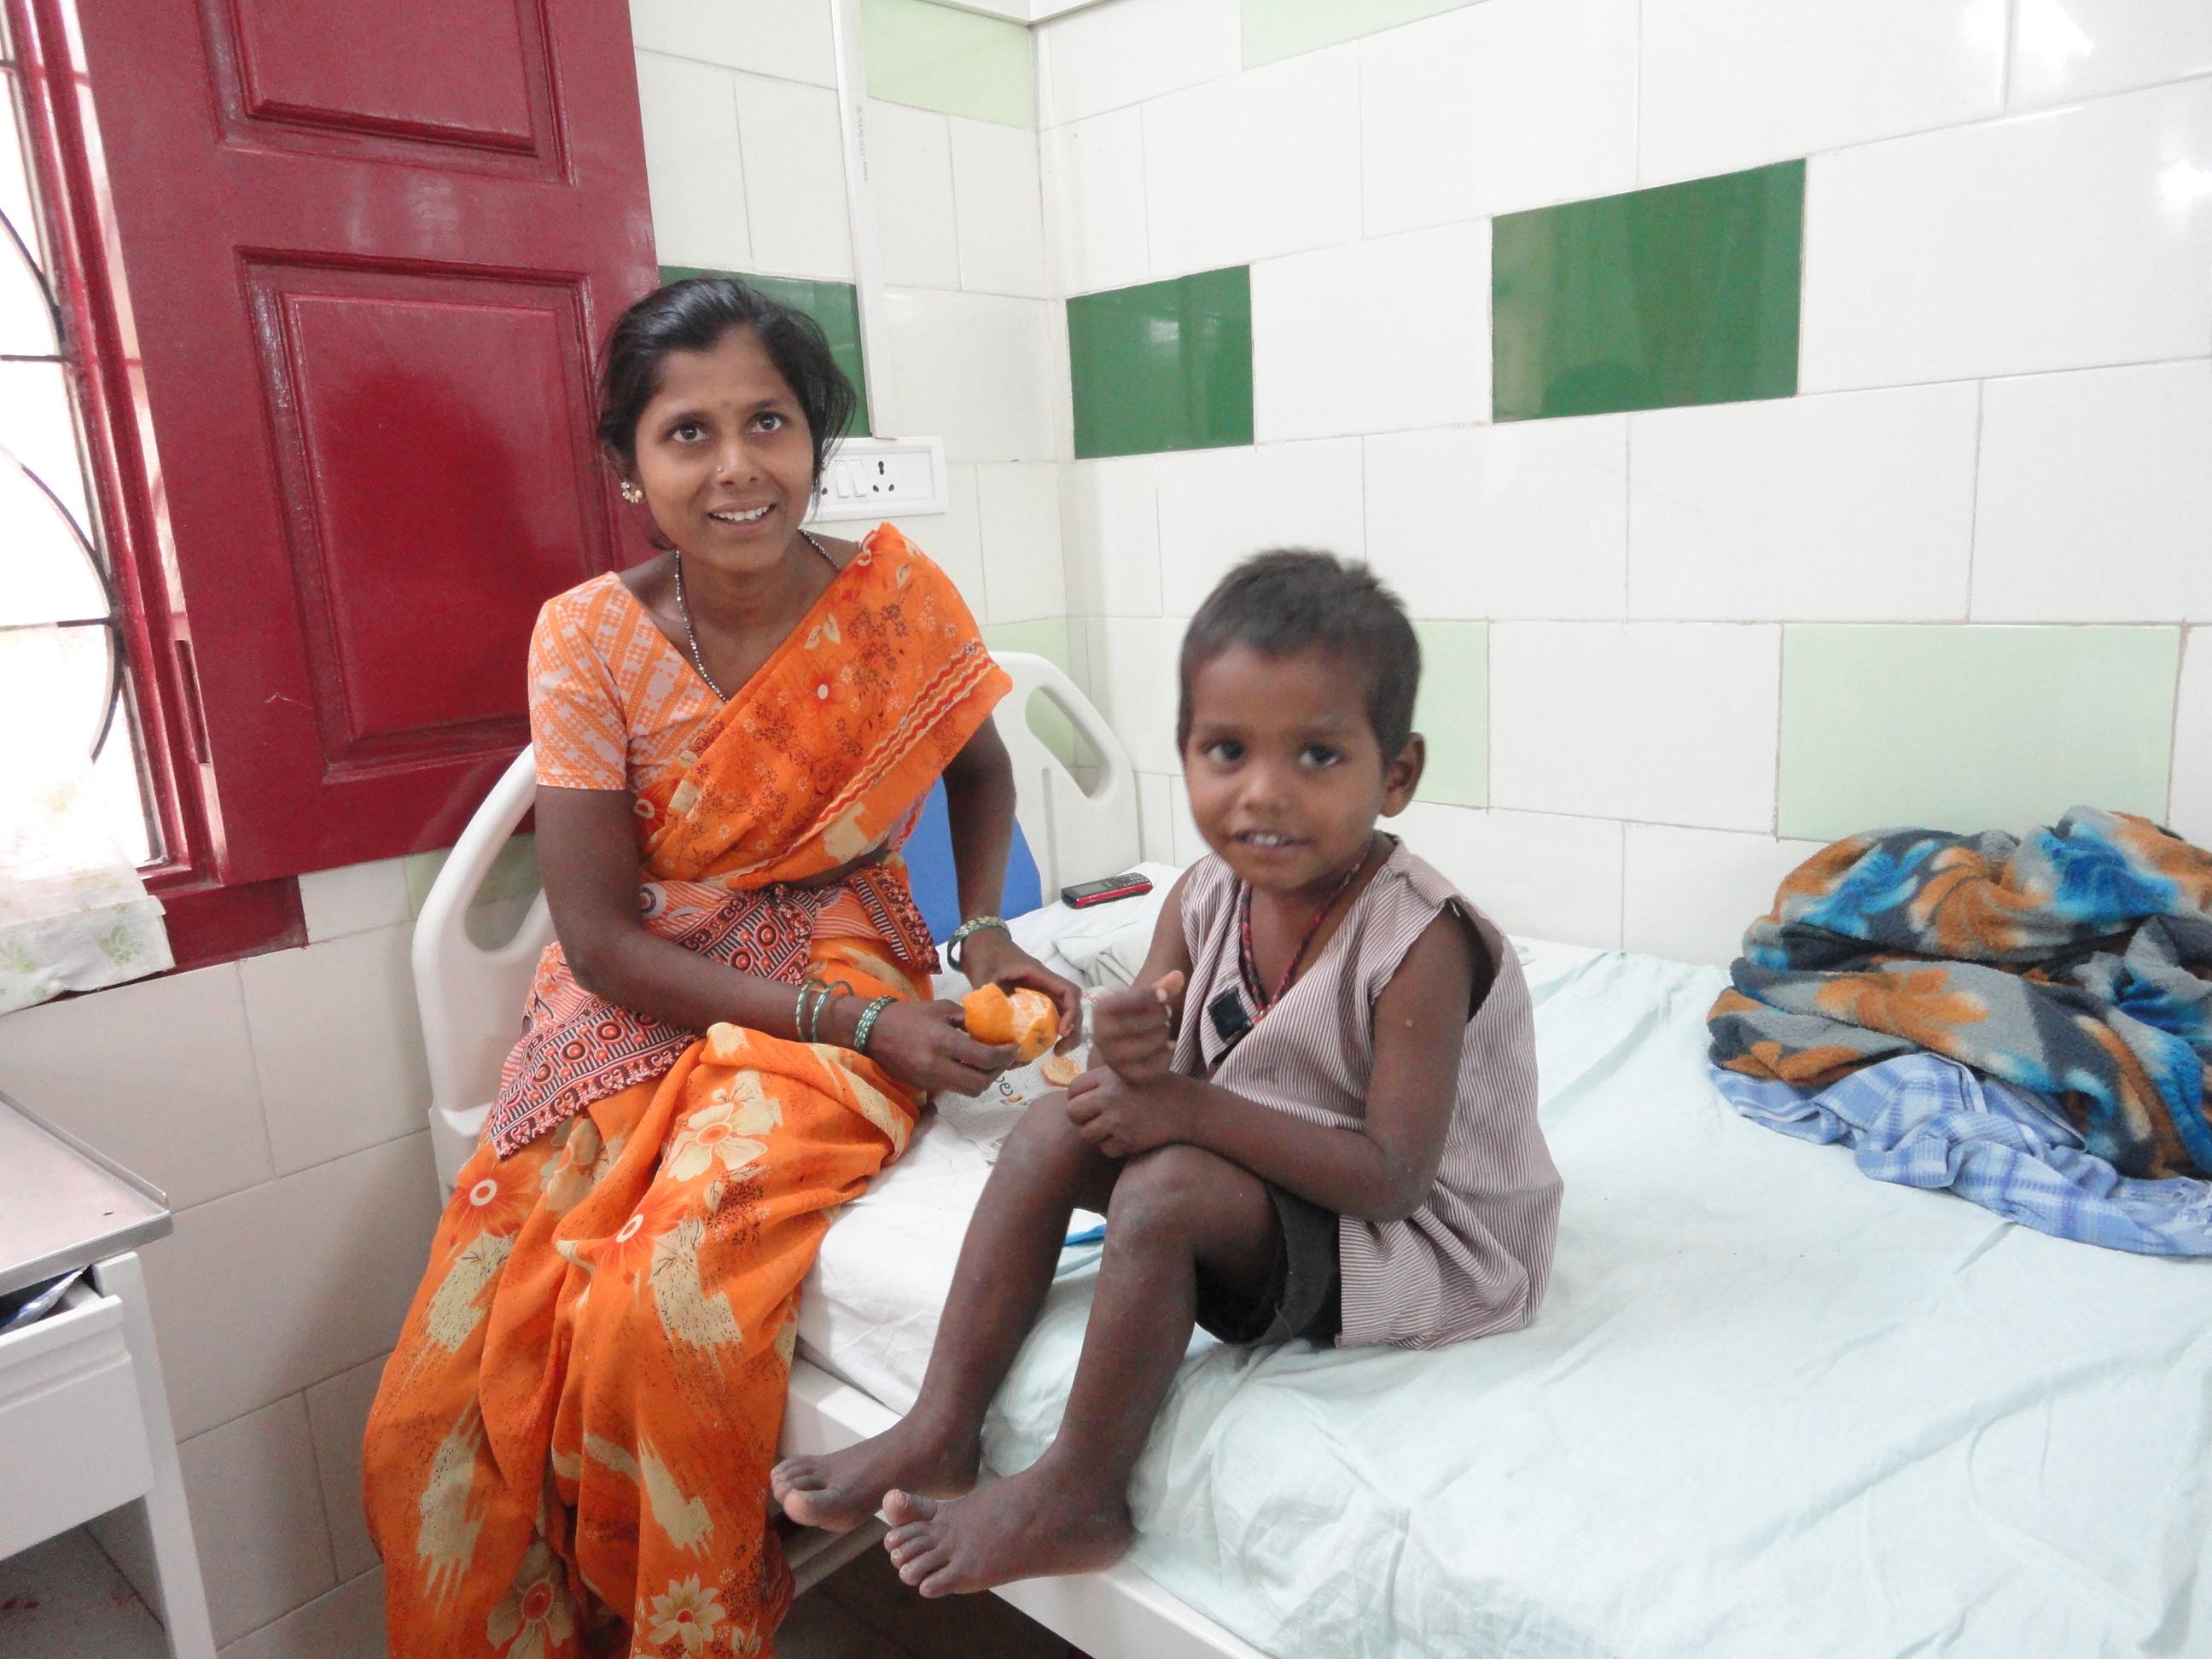 Enfermos en hospital de la India Fundación Vicente Ferrer